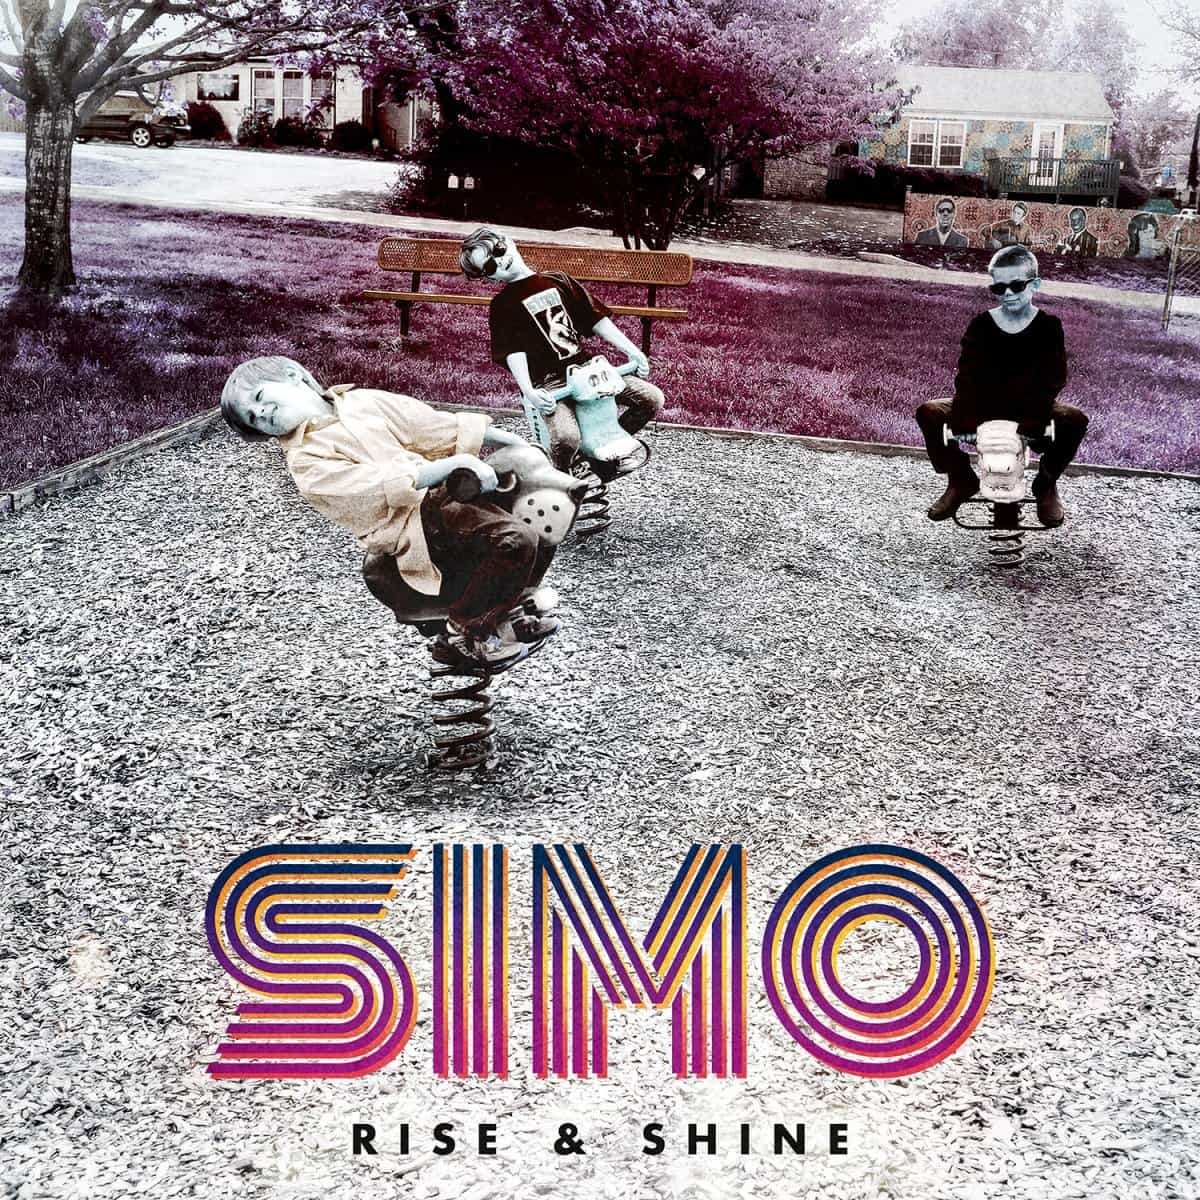 SIMO Rise and Shine